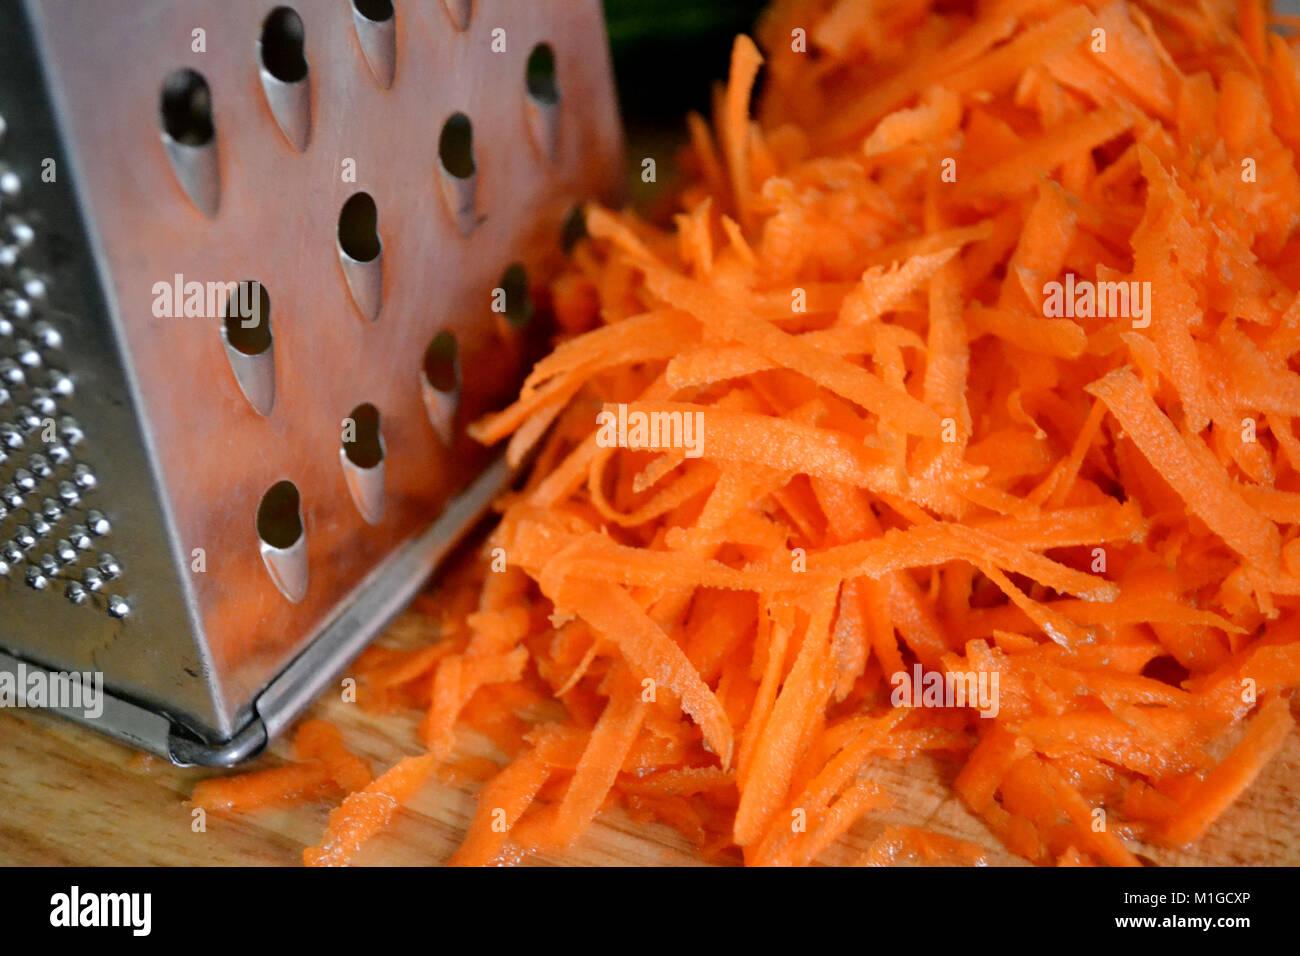 Zanahoria Rallada Por Rallador Fotografia De Stock Alamy Para preparar estos deliciosos bollitos o cupcakes de zanahoria necesitaremos los siguientes ingredientes https www alamy es foto zanahoria rallada por rallador 173079726 html